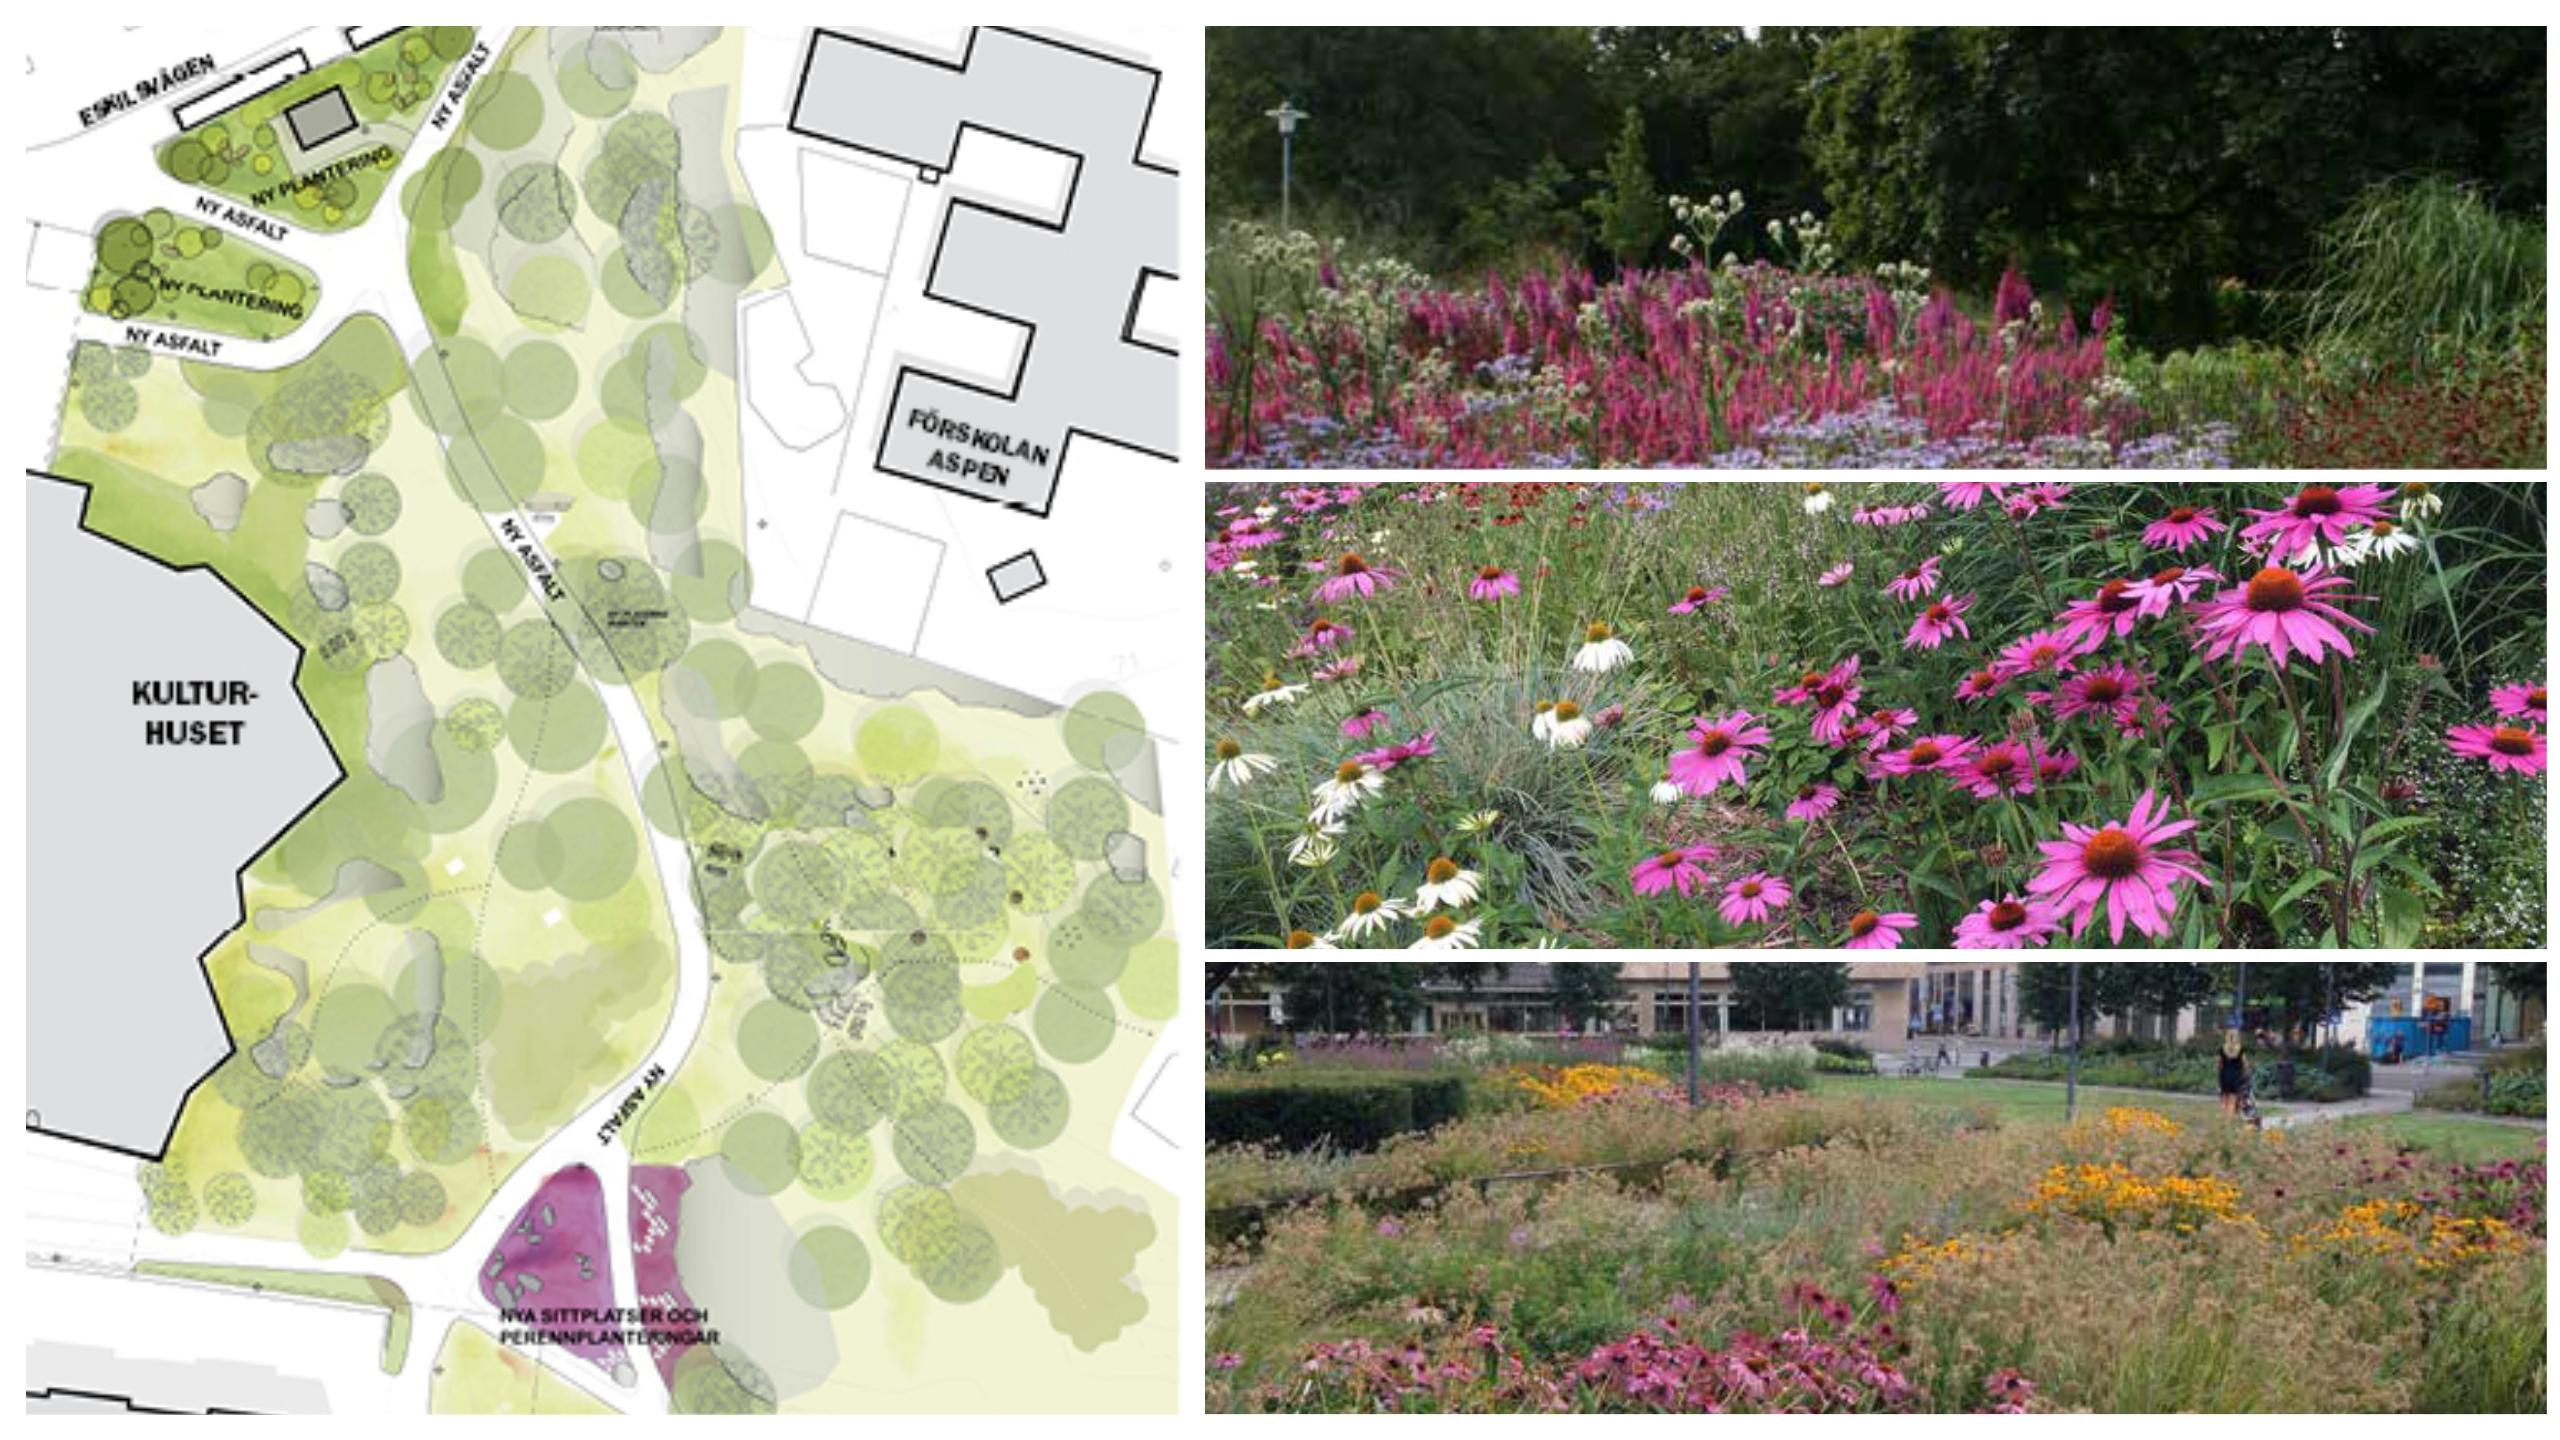 Illustrationsplan över nya parken i Handen - Kulturhusparken